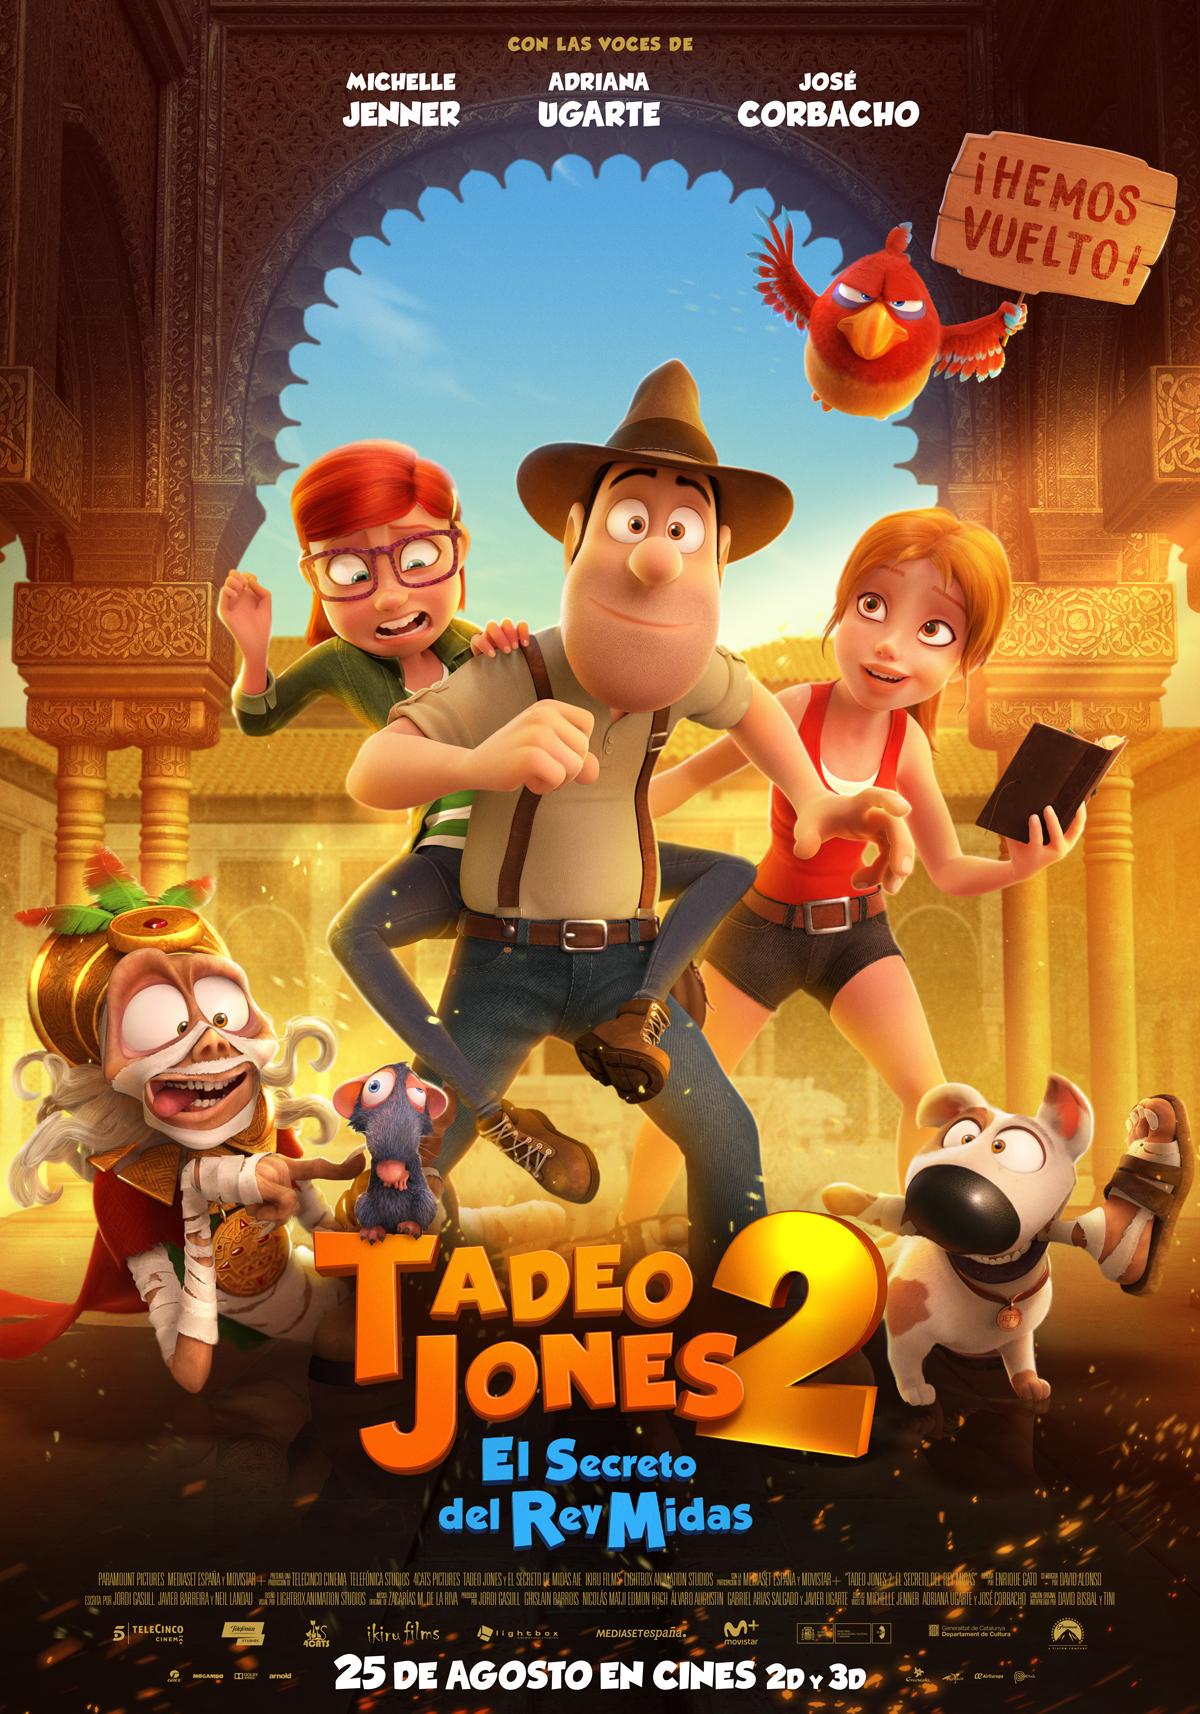 Banda Sonora Tadeo Jones 2 El Secreto Del Rey Midas Sensacine Com